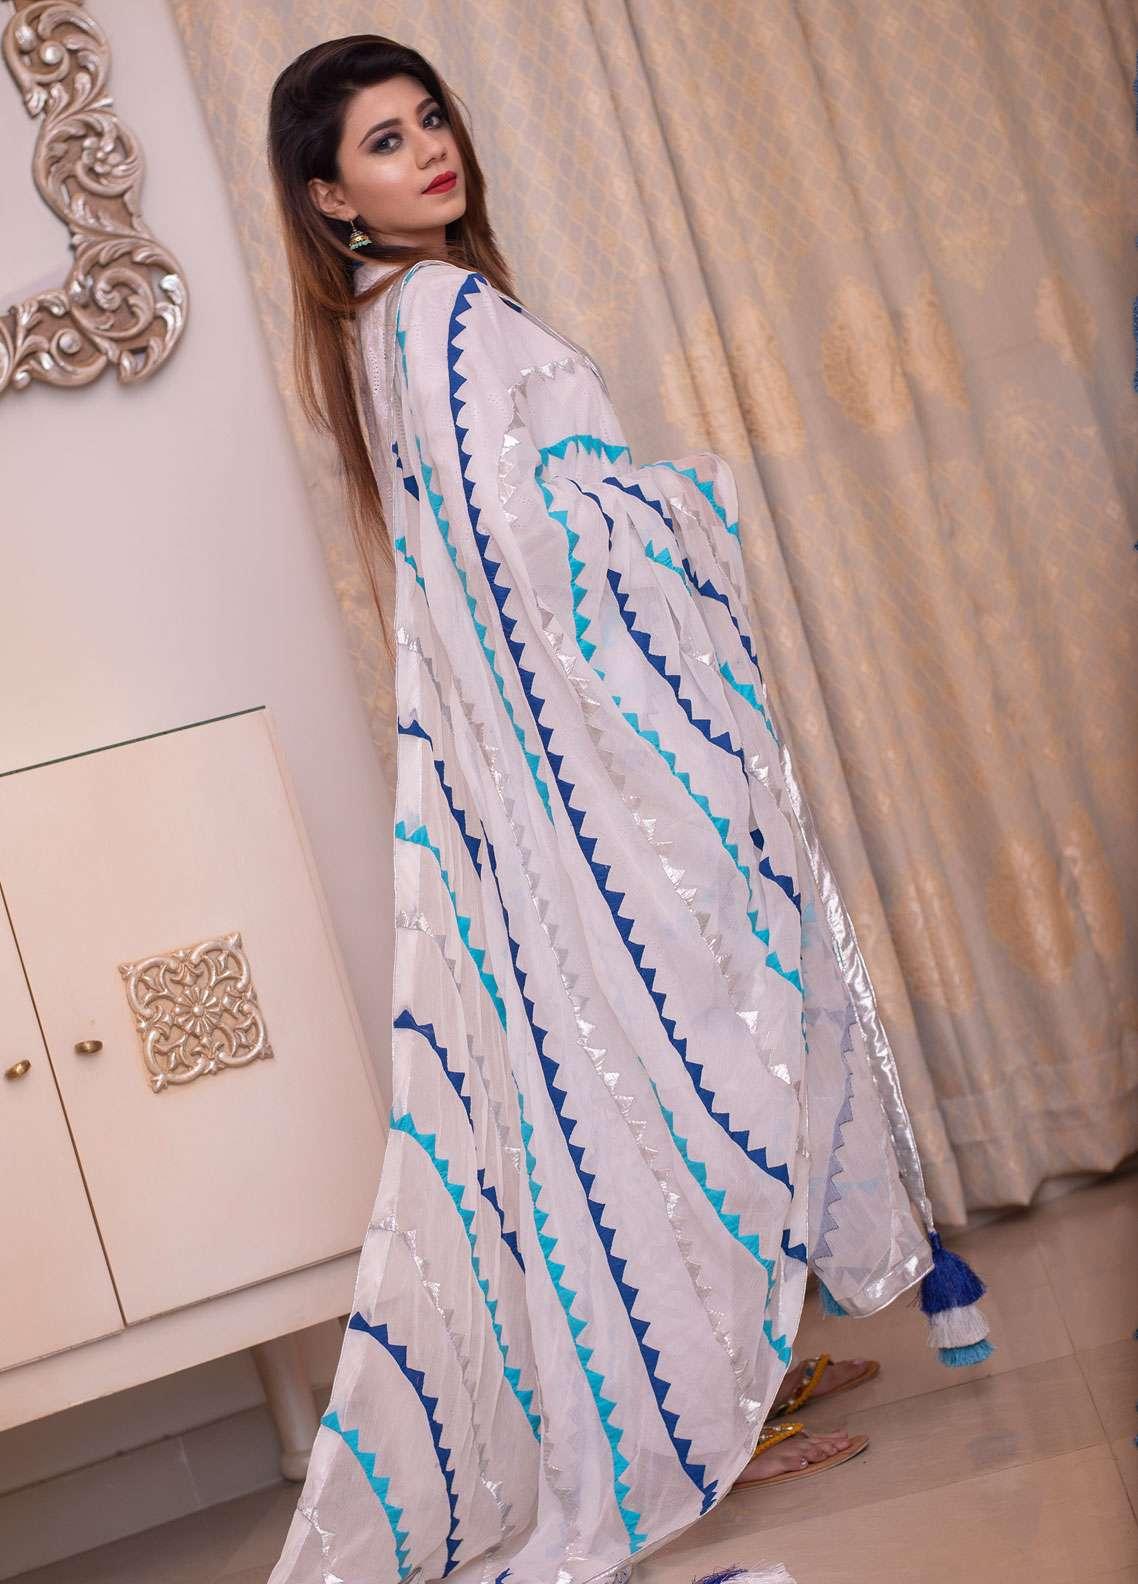 Laali Embroidered Chiffon Stitched Dupatta Lal-024